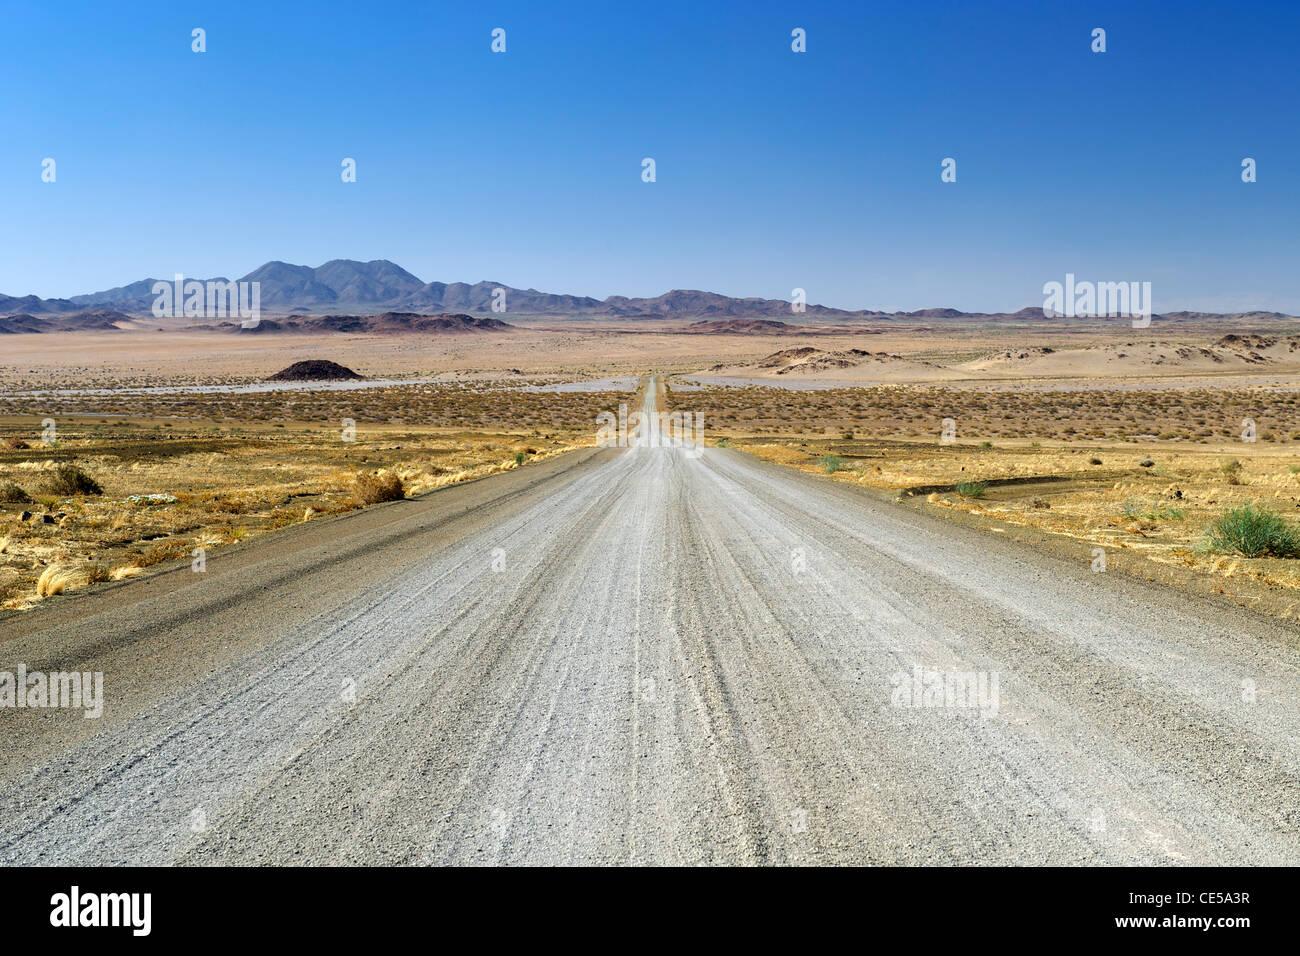 Strada di ghiaia nella regione di Karas del sud della Namibia. Foto Stock